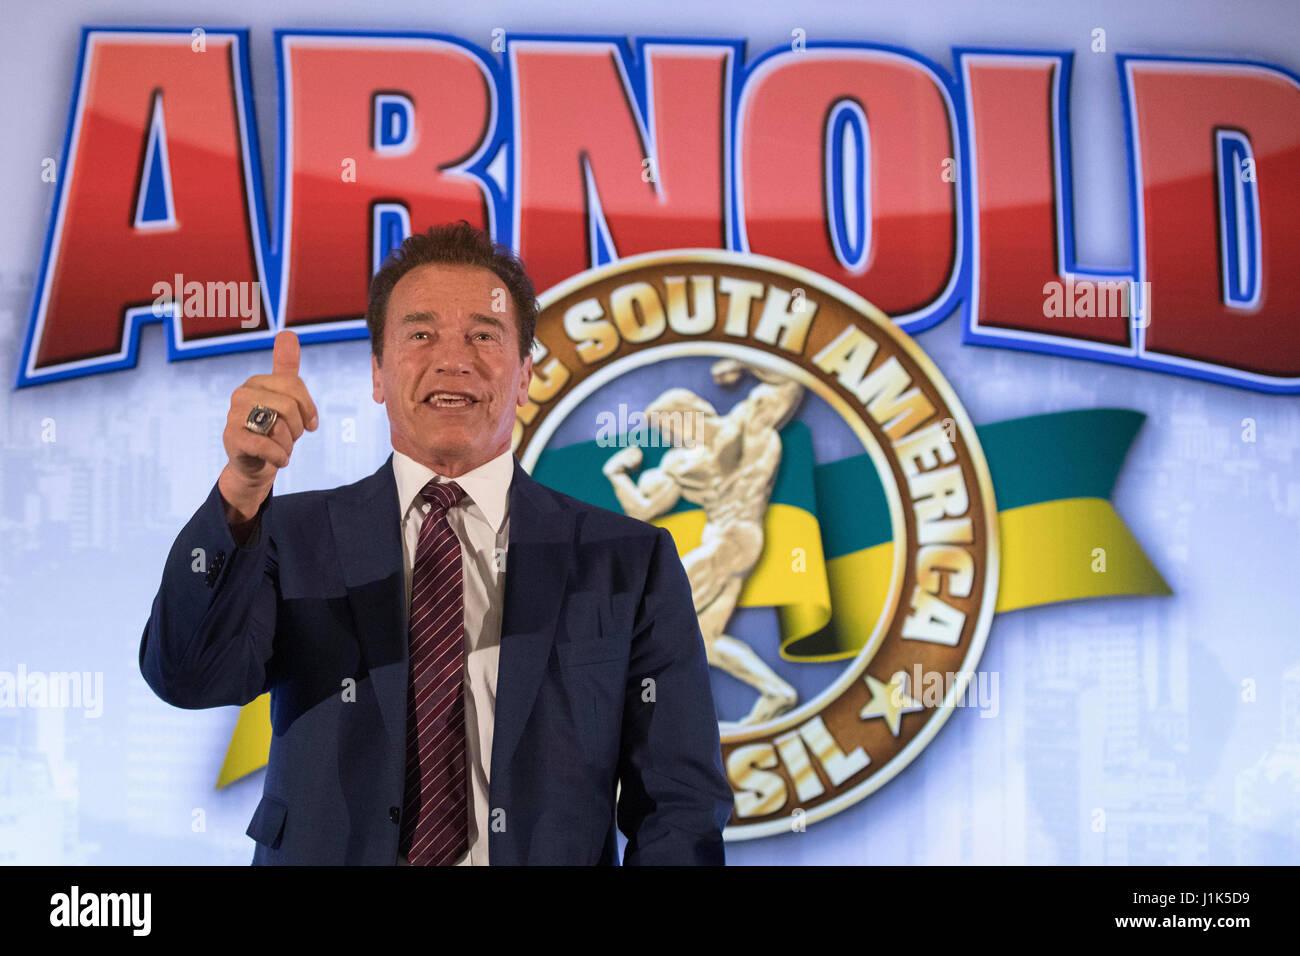 L'acteur américain Arnold Schwarzenegger culturiste et sourit au cours d'une conférence de presse Photo Stock